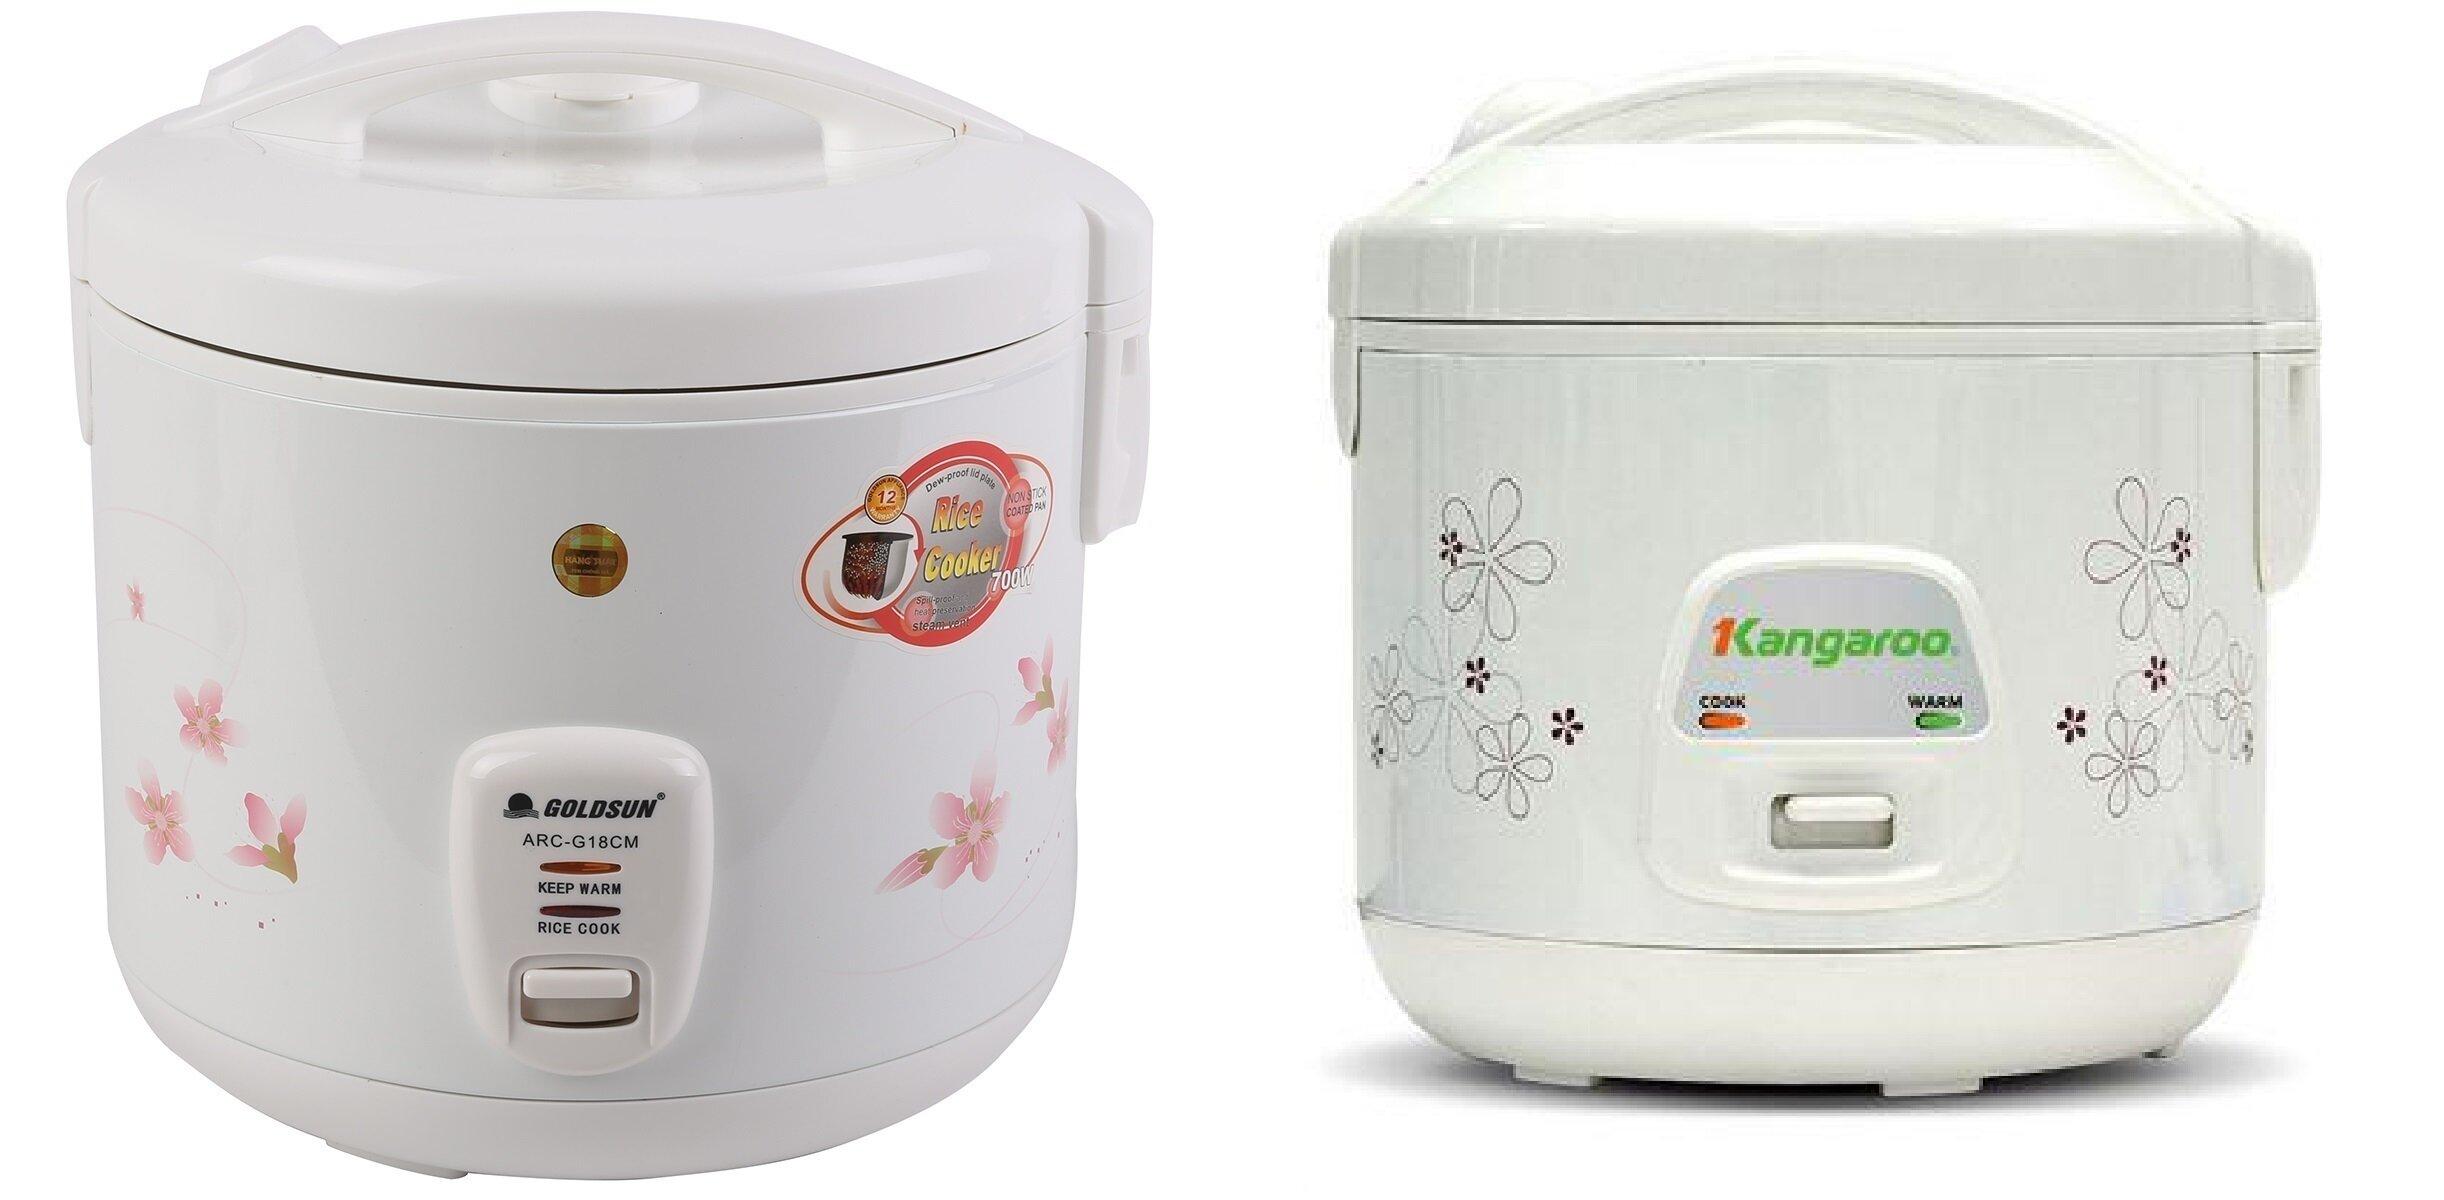 So sánh nồi cơm điện giá rẻ Goldsun ARCG18CM và nồi cơm điện Kangaroo KG18N